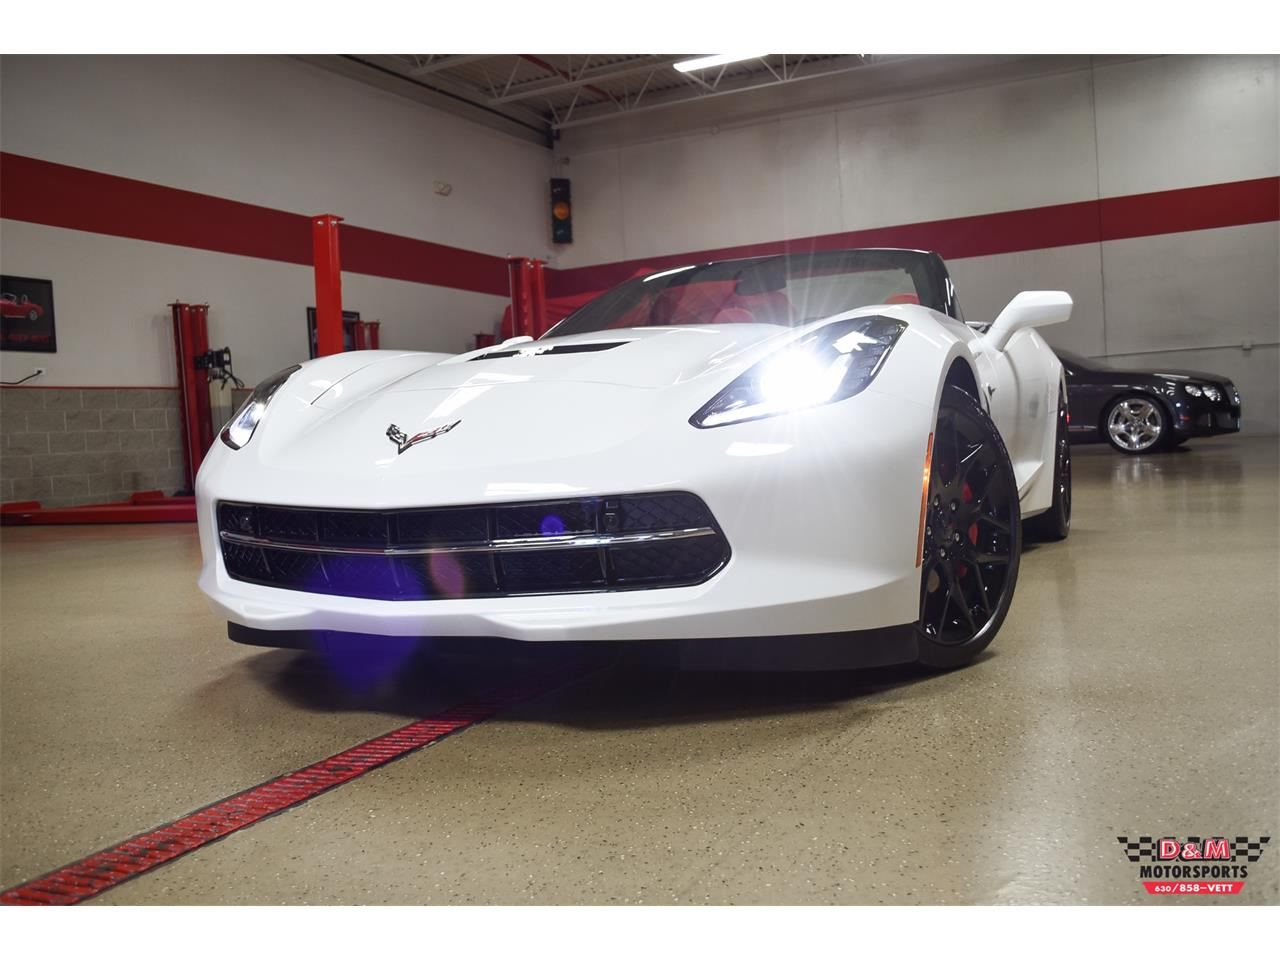 2018 Chevrolet Corvette (CC-1411315) for sale in Glen Ellyn, Illinois